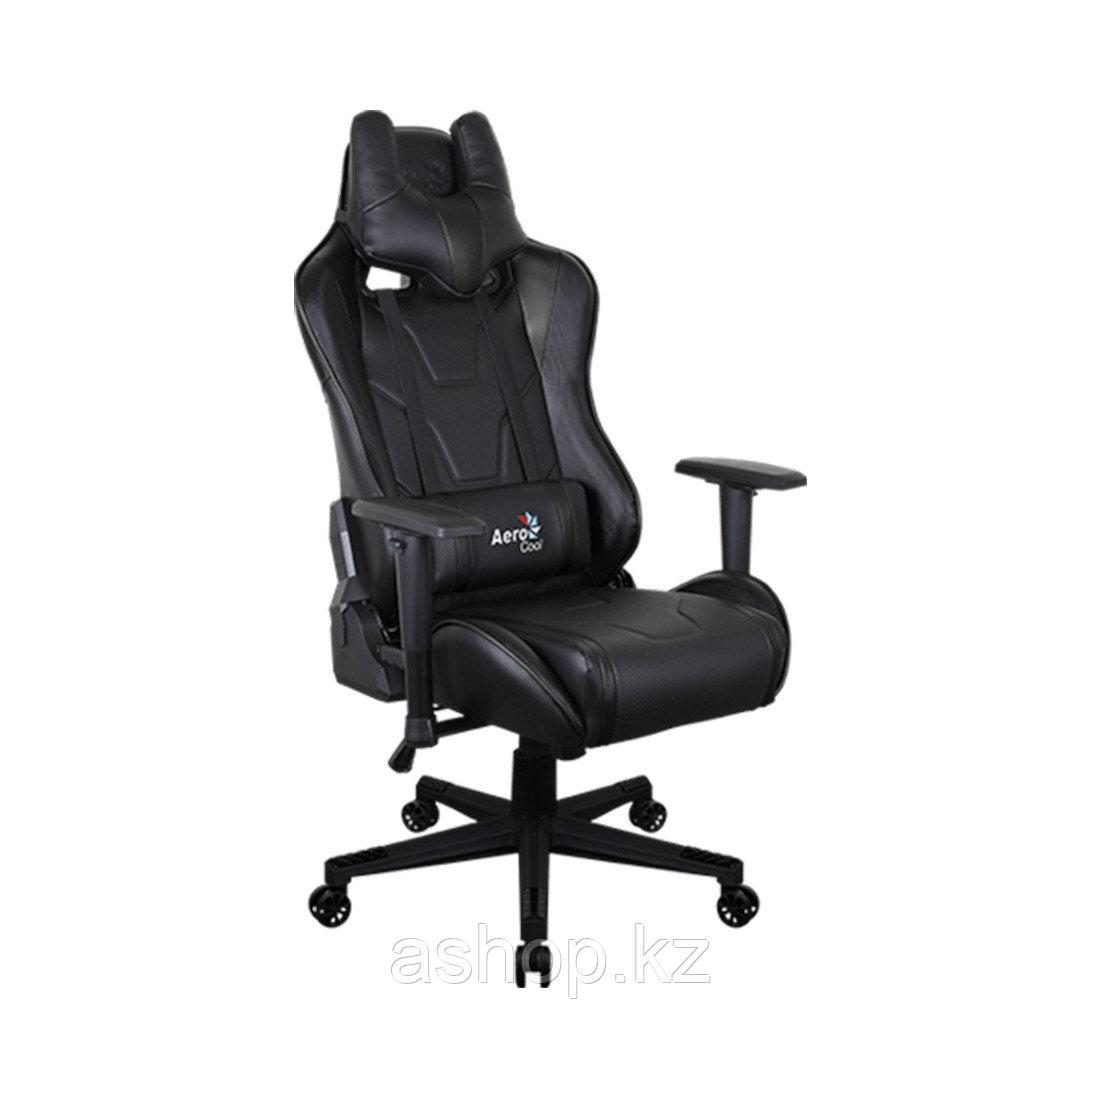 Кресло игровое AeroCool AC220, Нагрузка (max): 150 кг, Подлокотники, Подголовник, Вентиляция, Цвет: Чёрный, (A